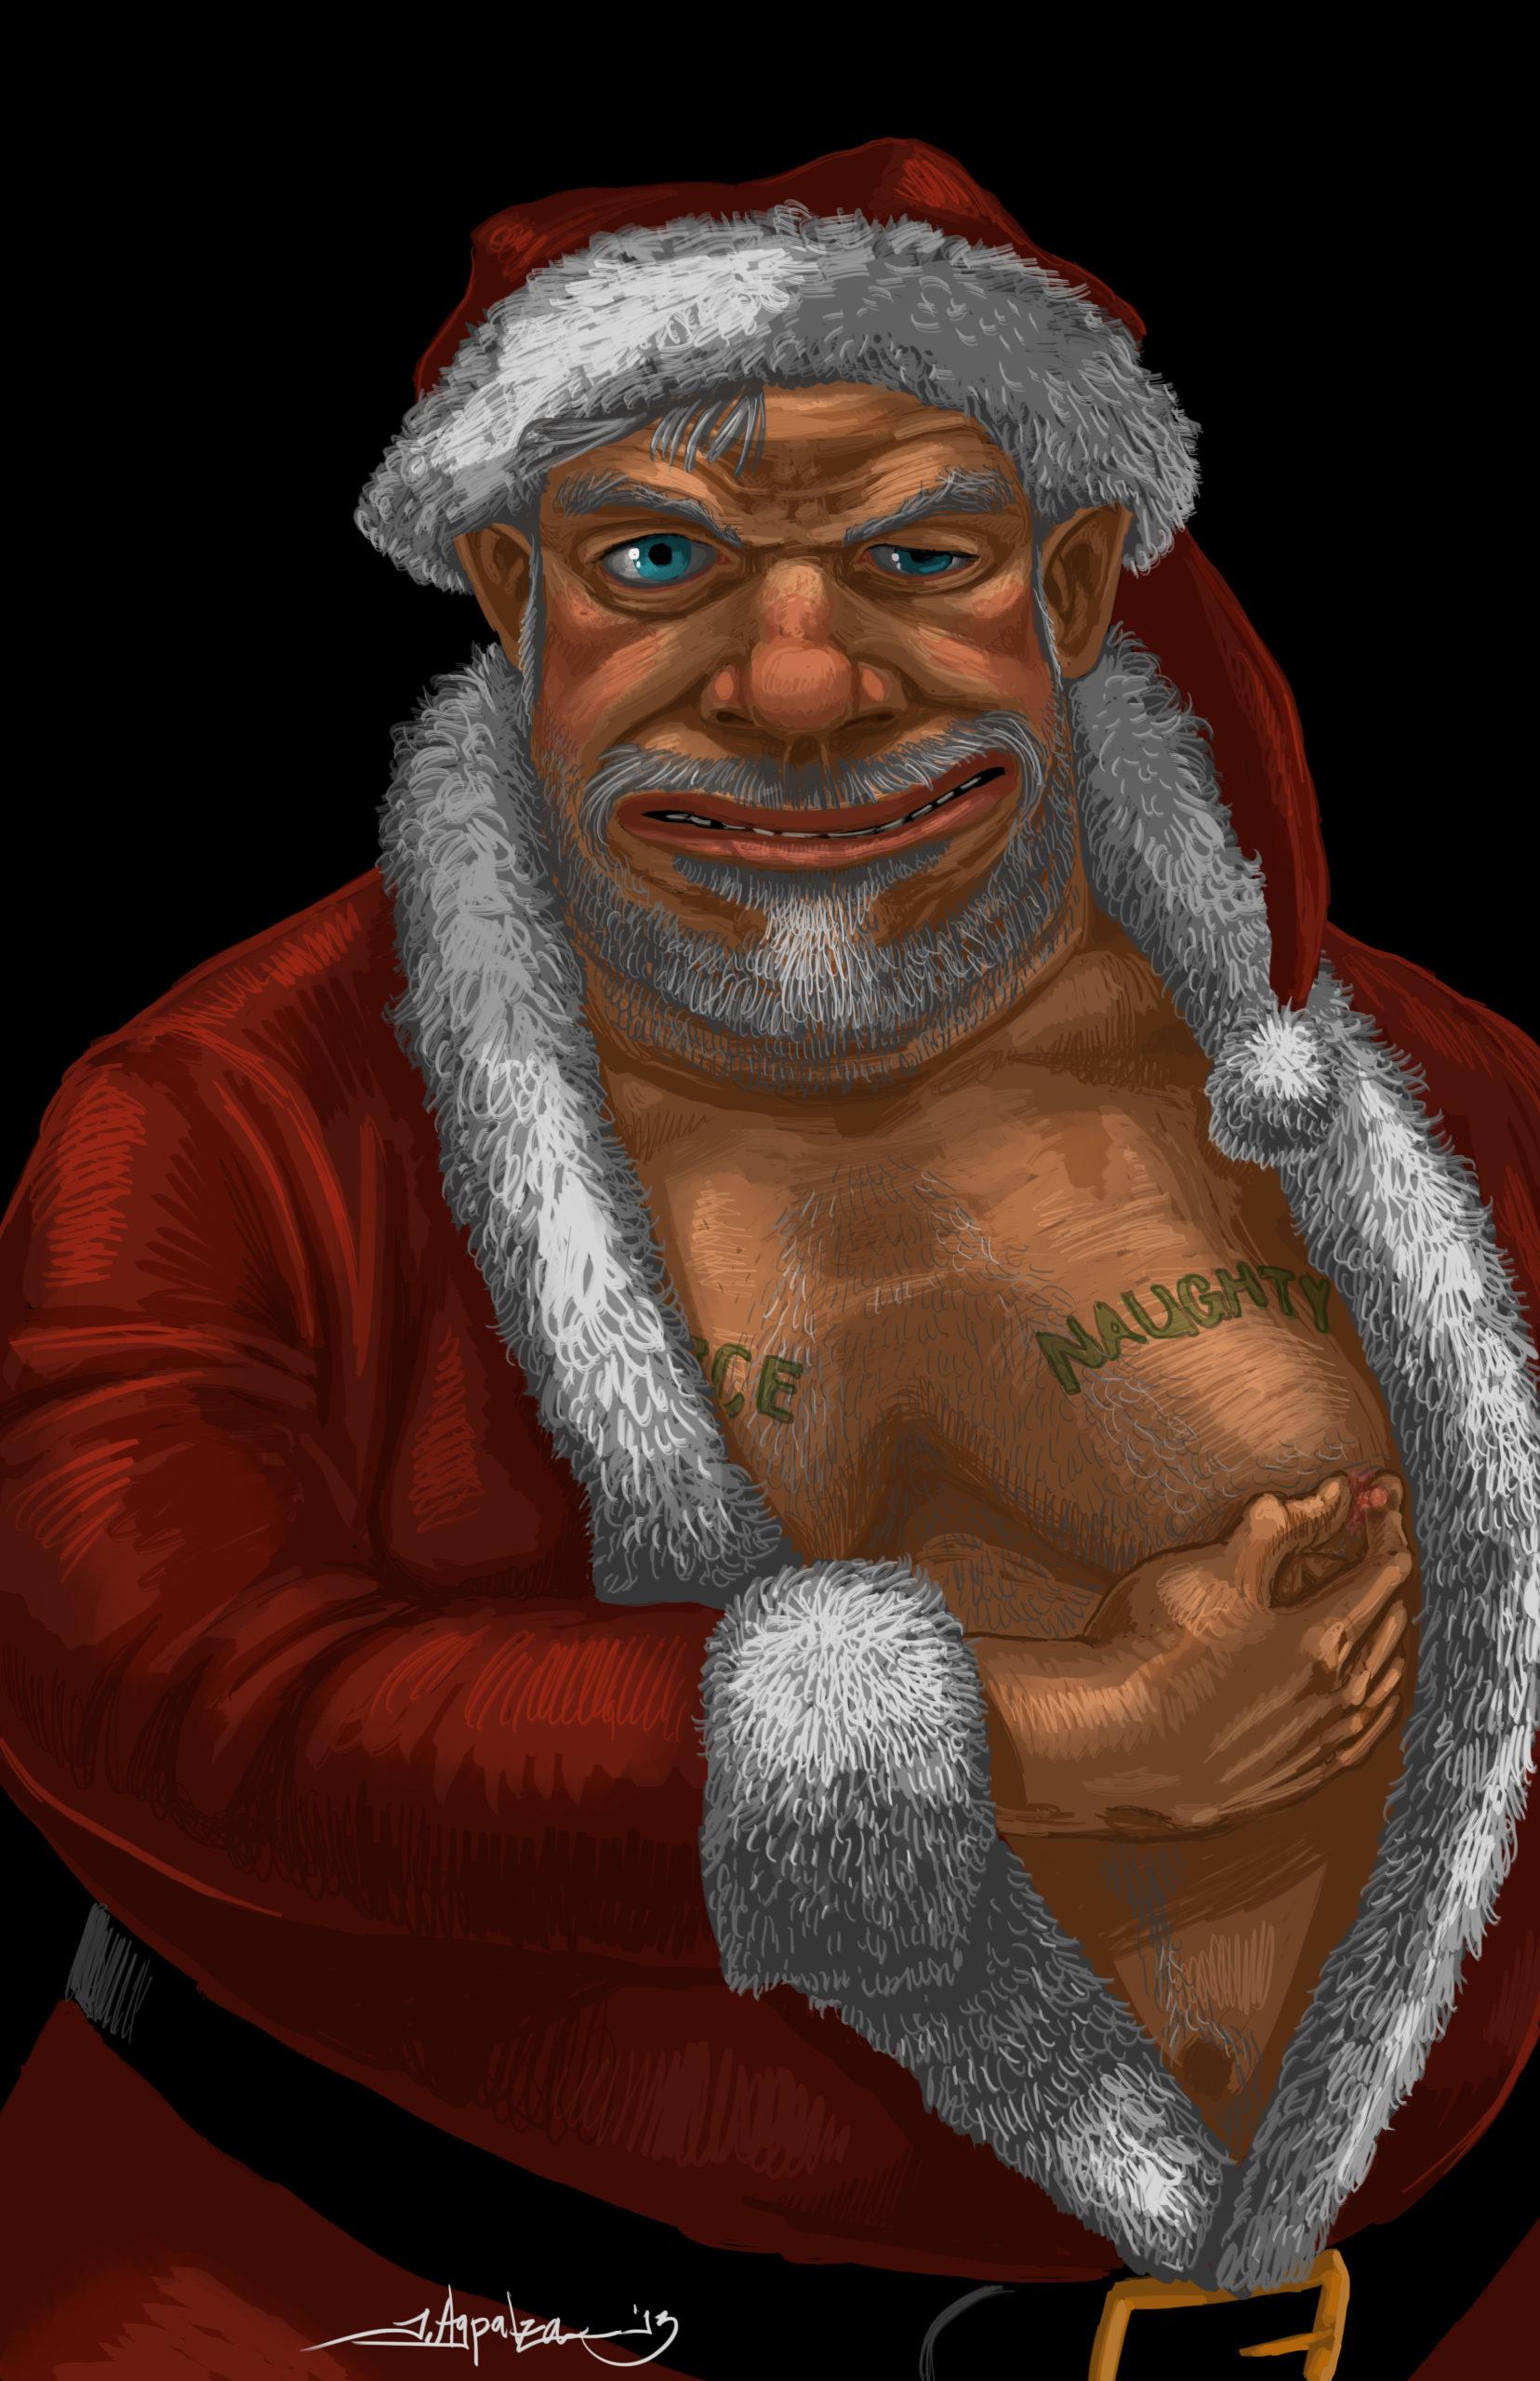 Holiday-Gift-Guide - Jim-Agpalza-Santa